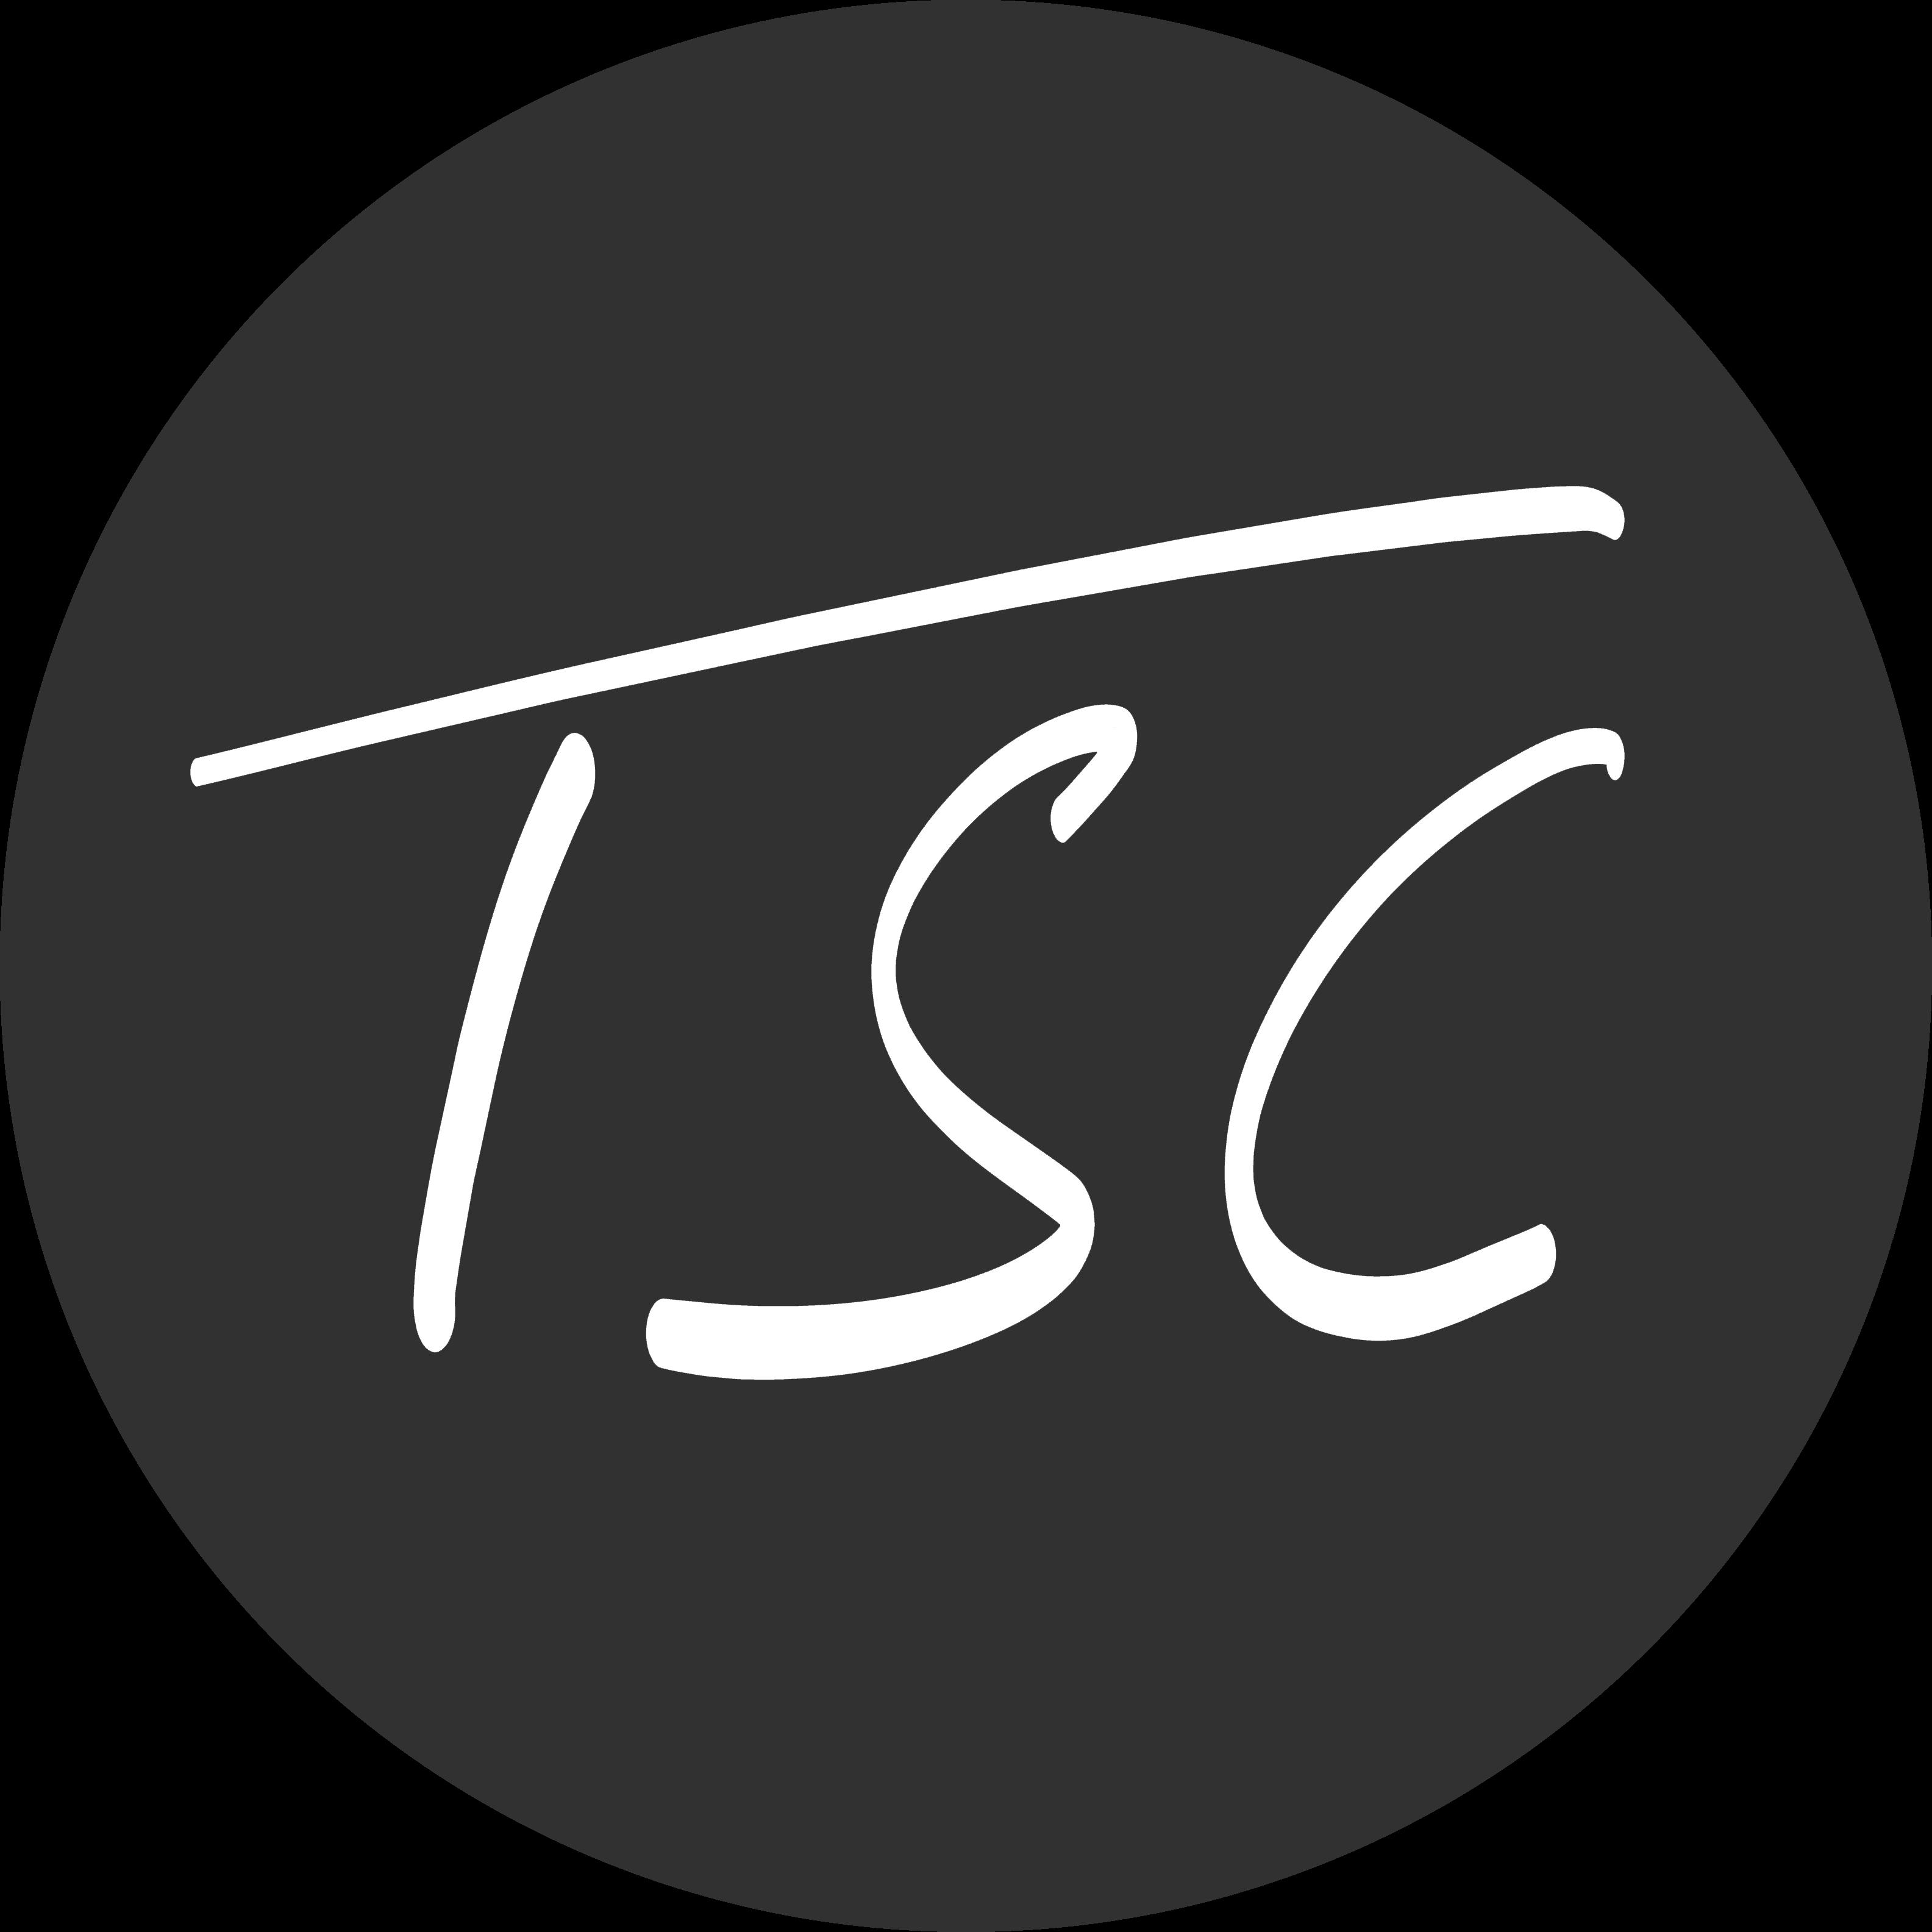 TSC-Media